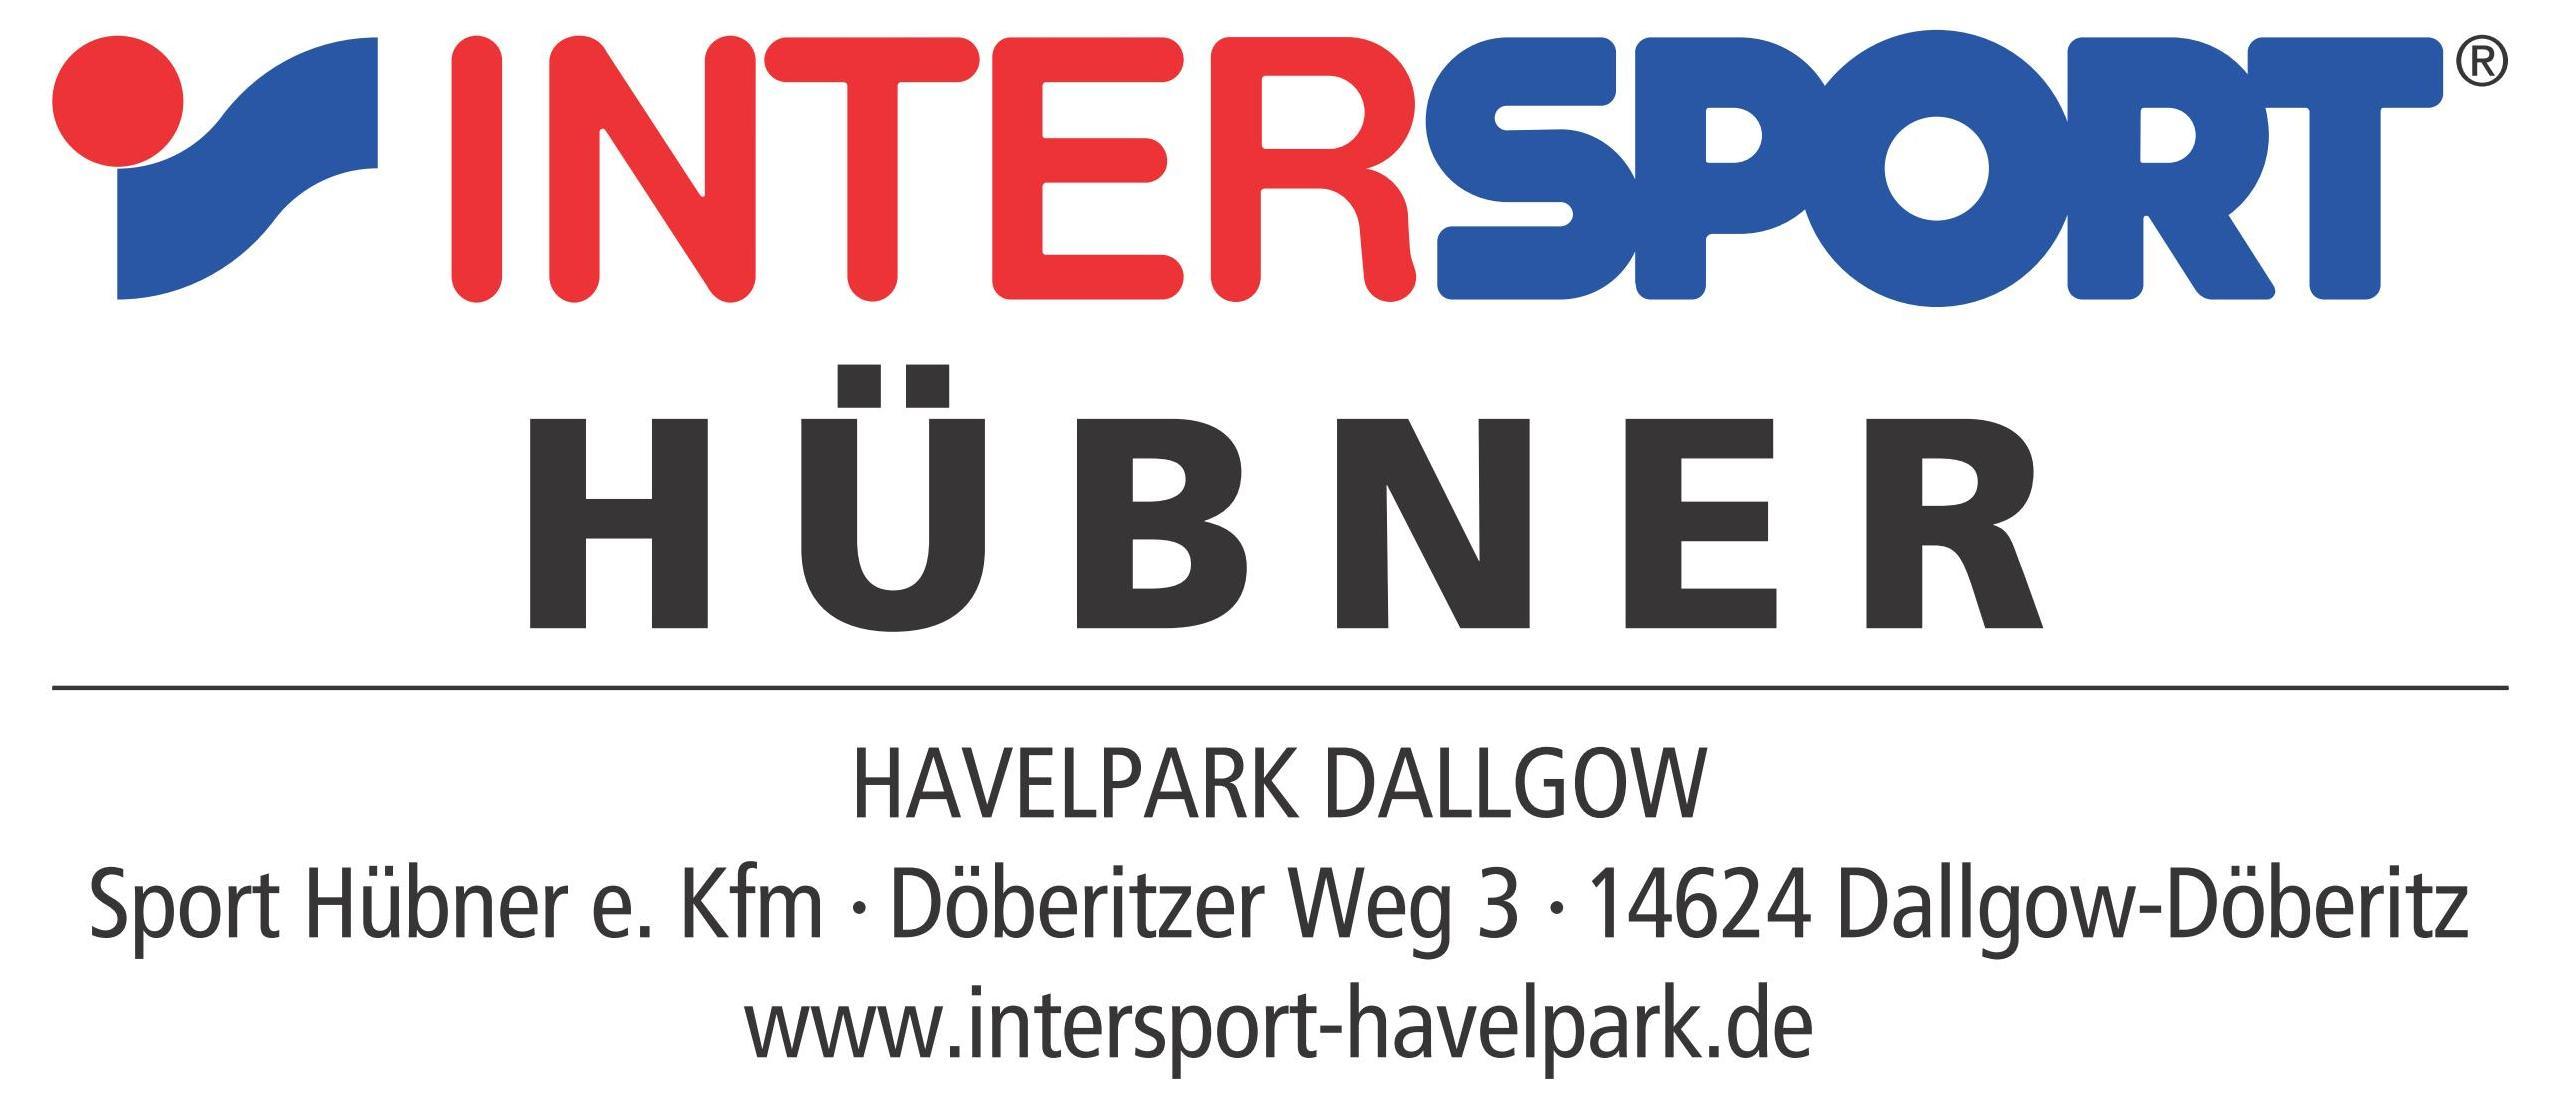 Kleidung Hübner FreizeitArtikel Sport Intersport Und 8OX0wnkP